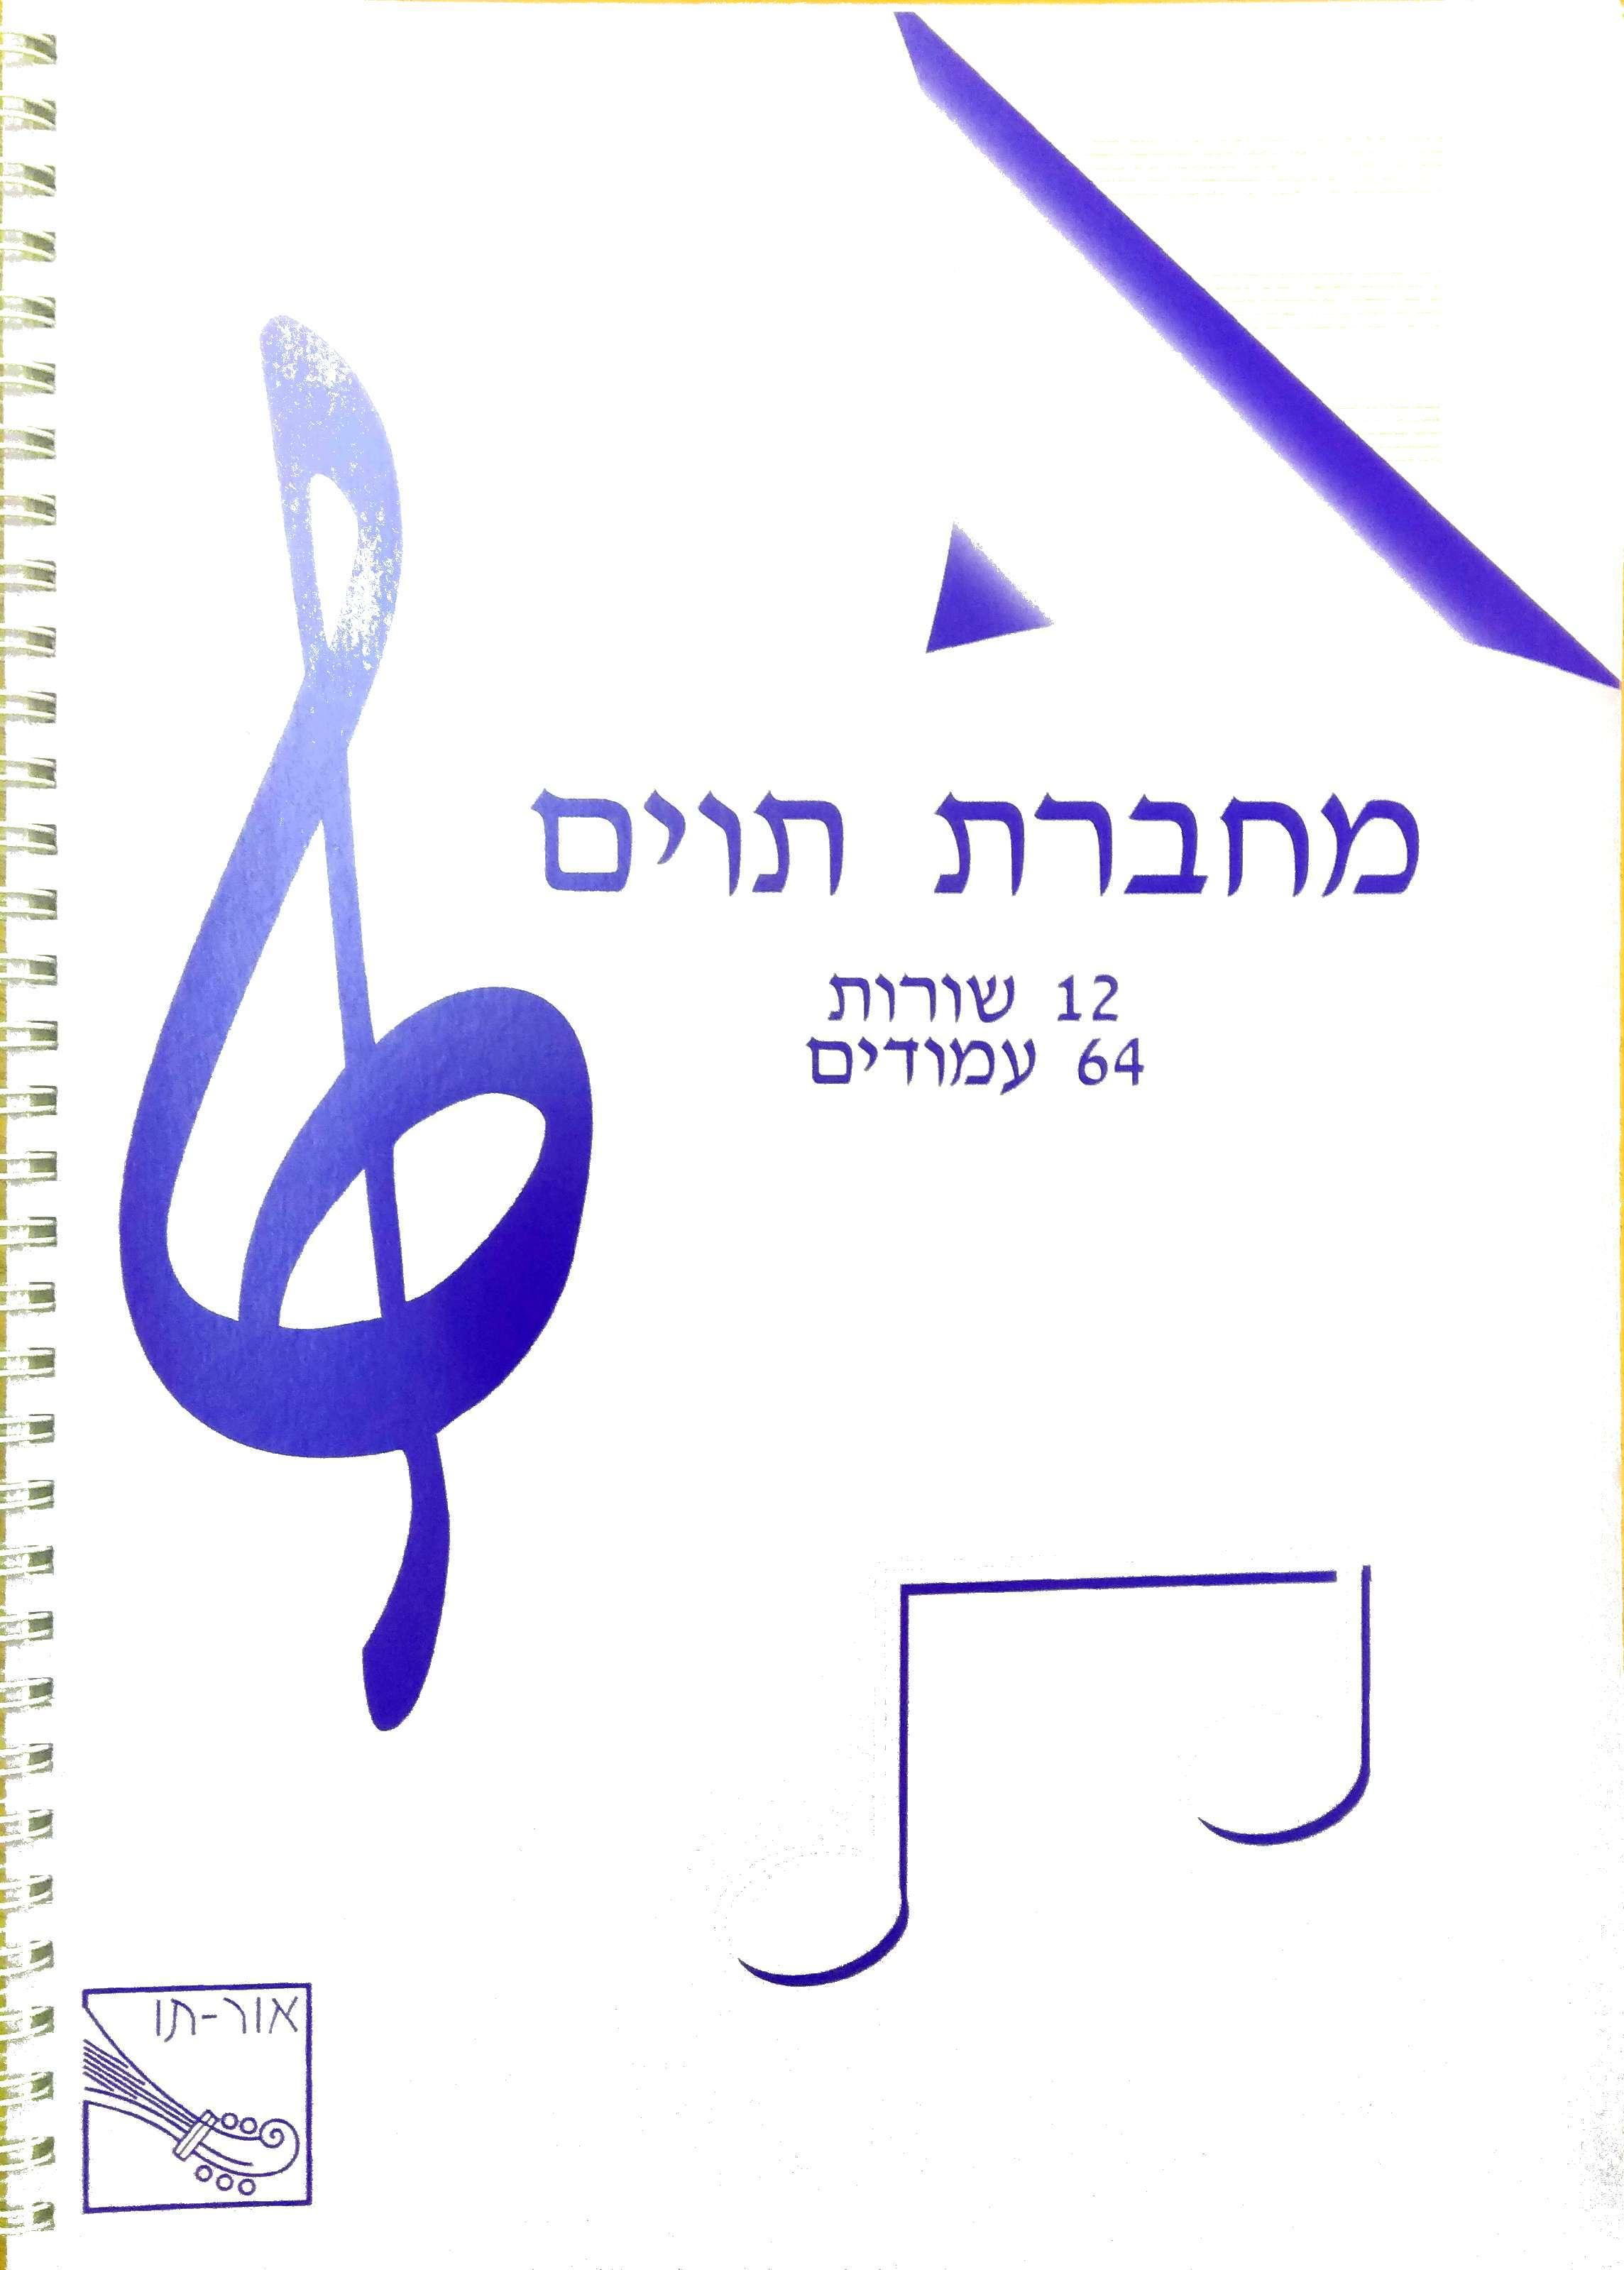 מחברת לתרגול תווים 12 שורות 64 עמודים